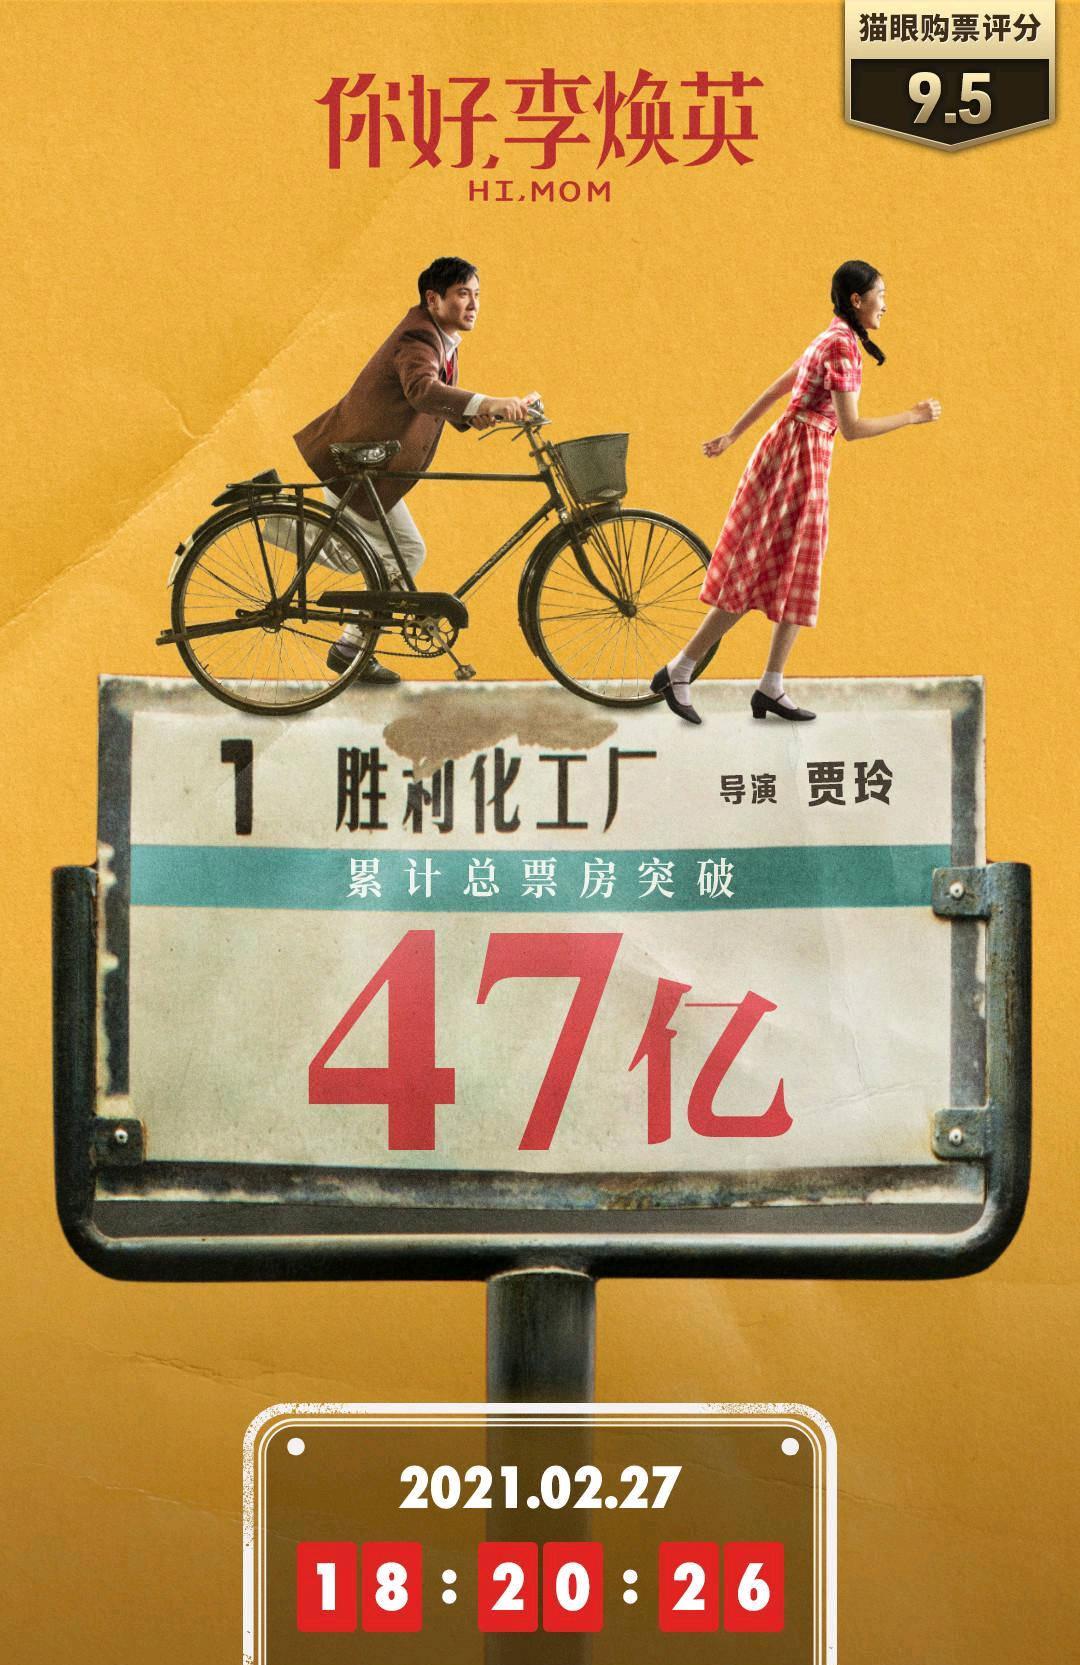 破47亿,你好李焕英总票房超流浪地球,挺进中国影史票房榜前三